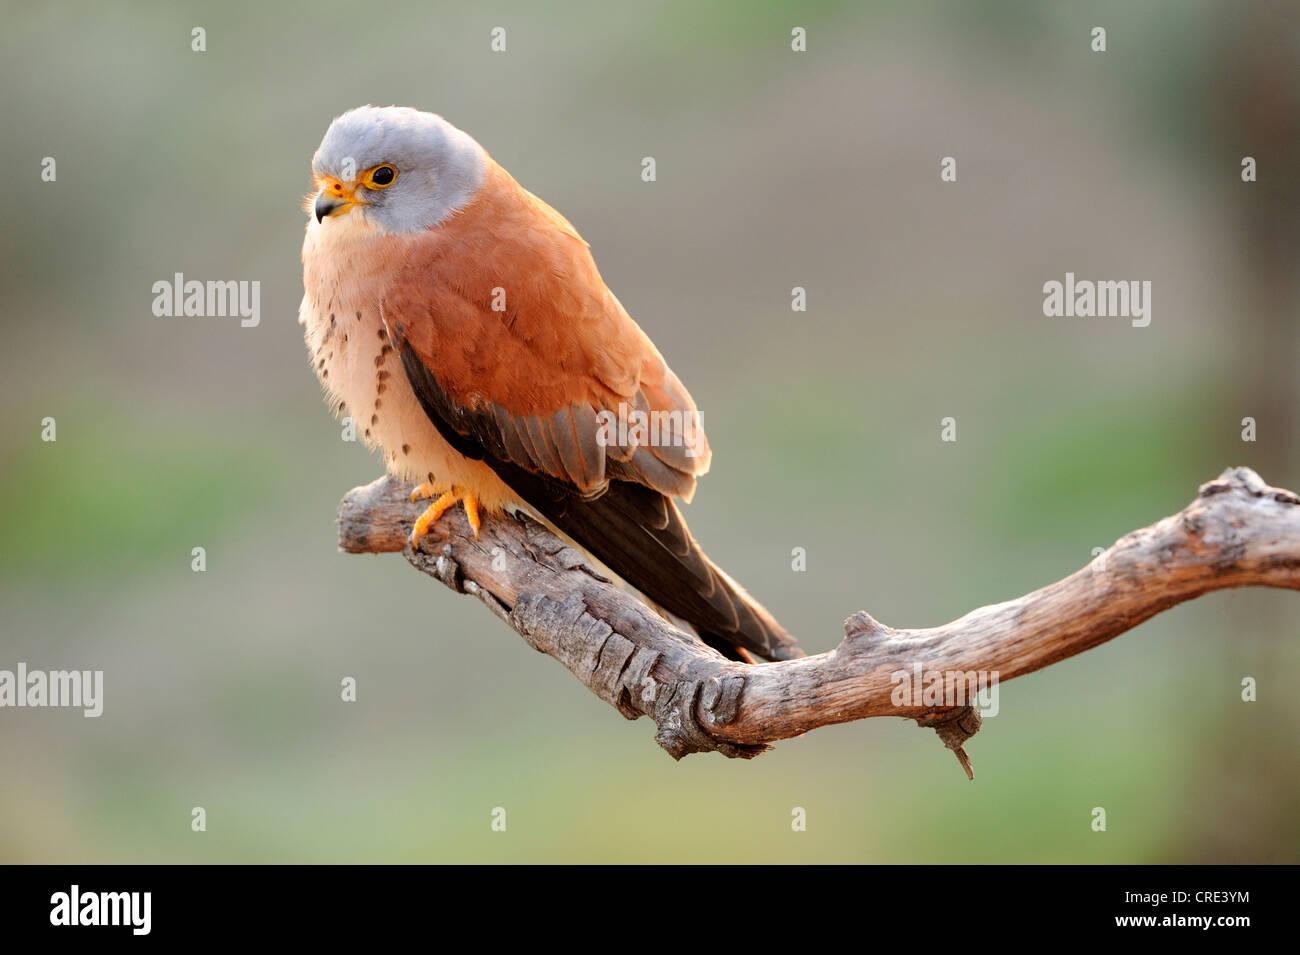 Rötelfalken (Falco Naumanni), Männlich, thront auf Zweig Stockbild